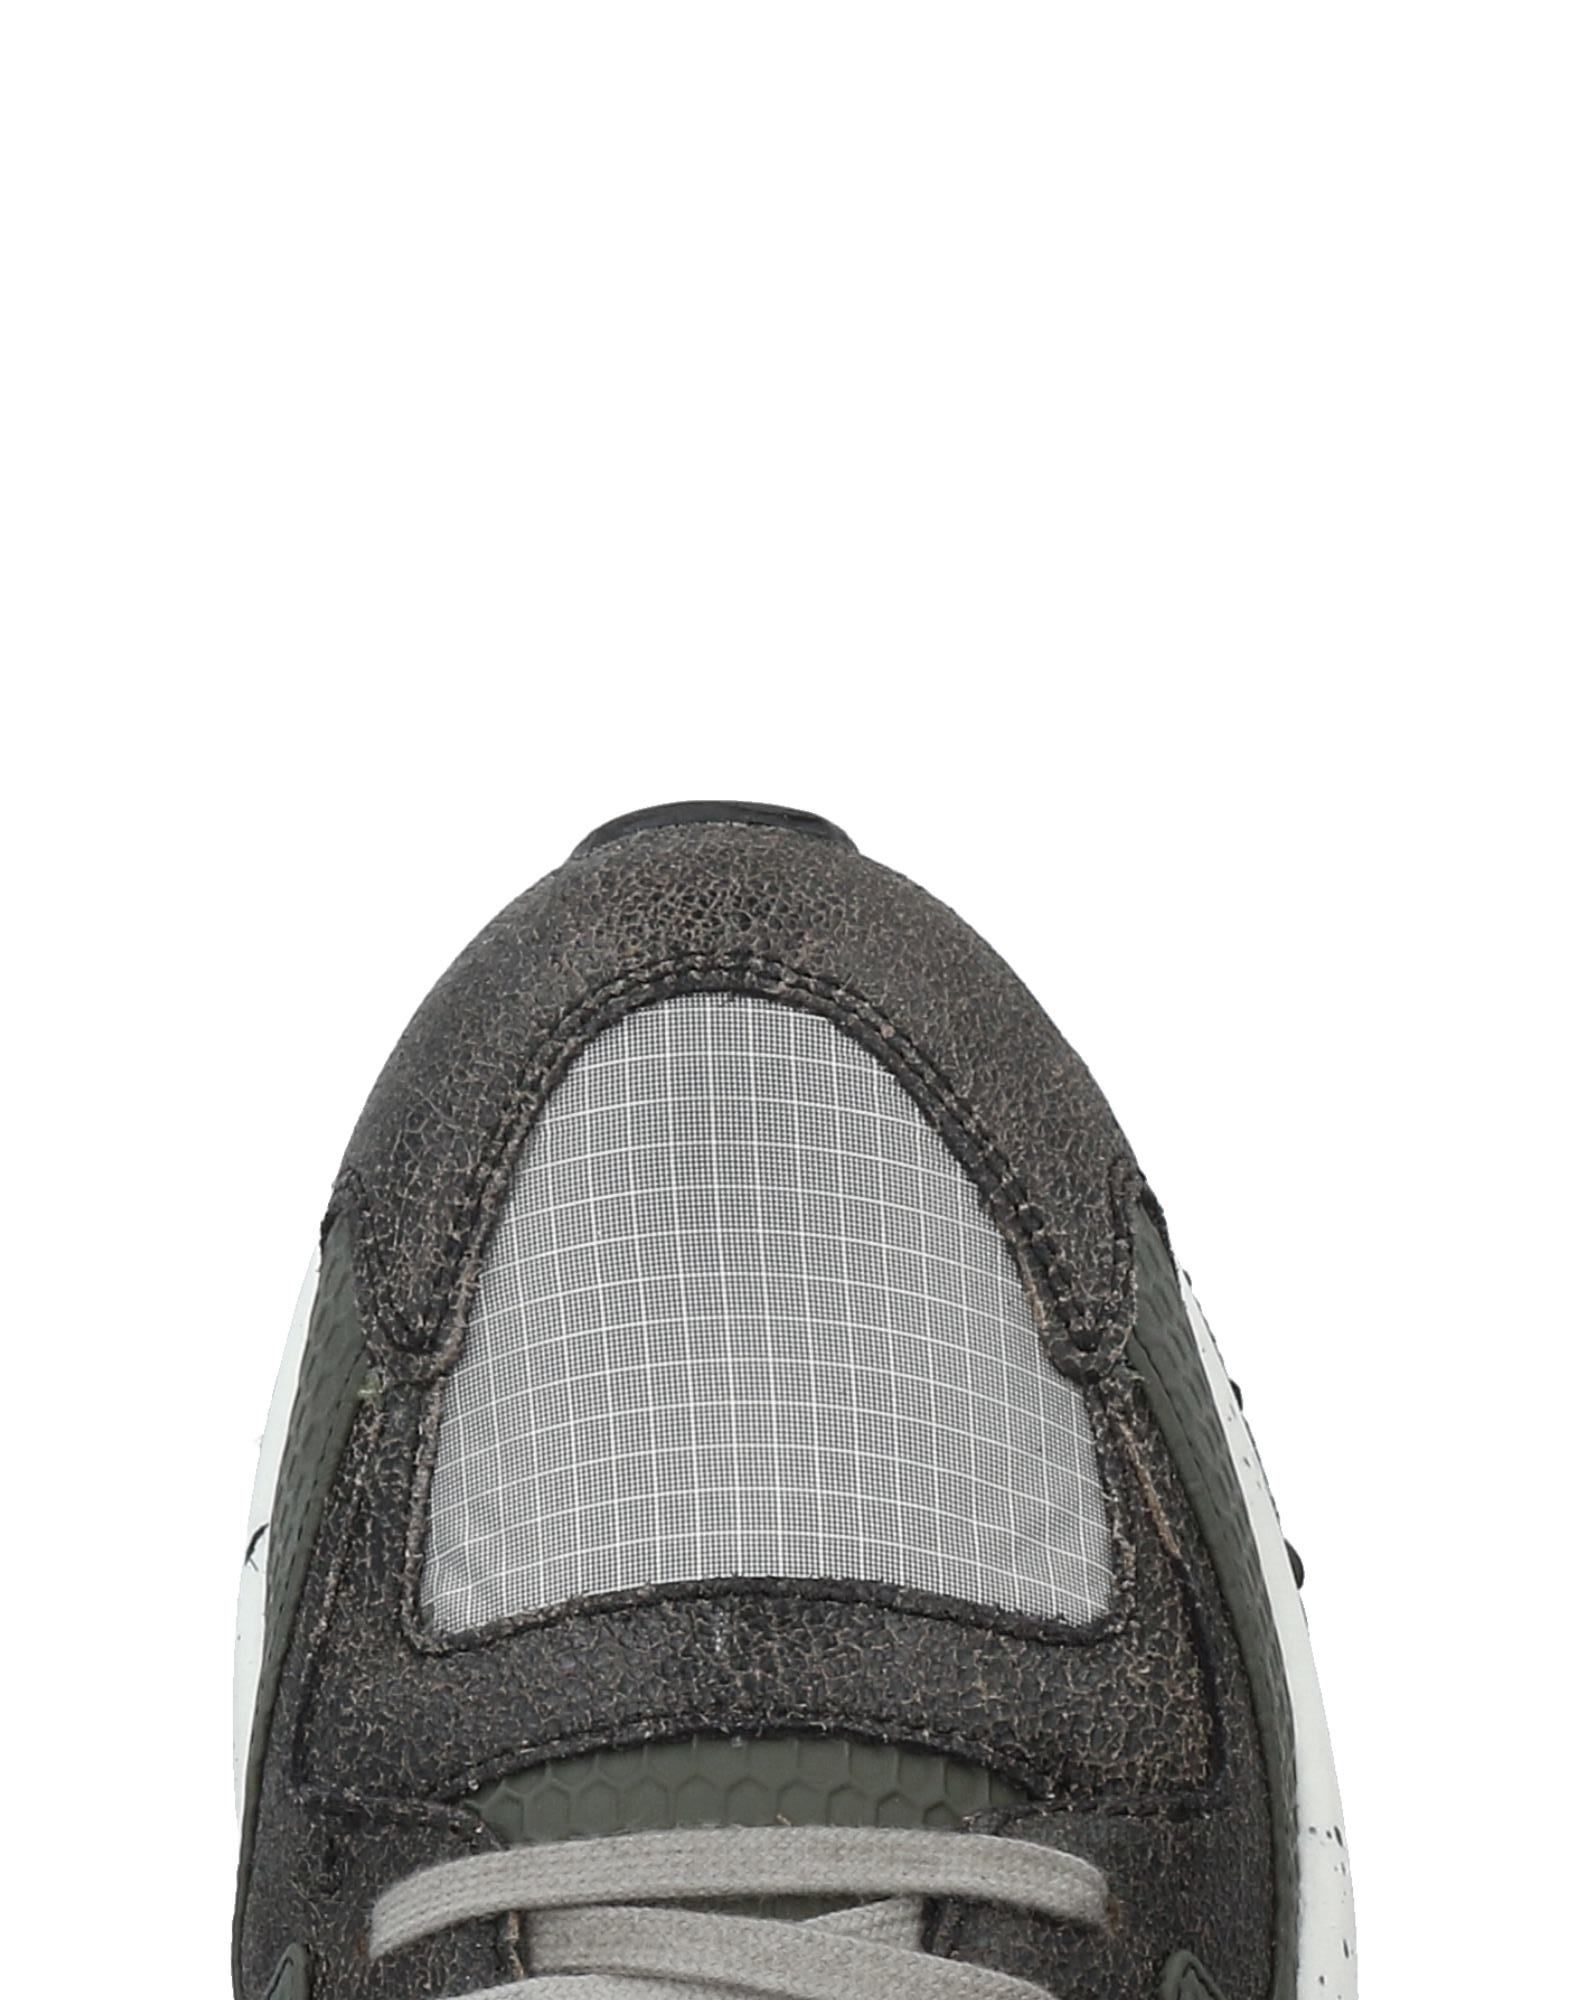 Rabatt echte  Schuhe P448 Sneakers Herren  echte 11457234UQ 408507